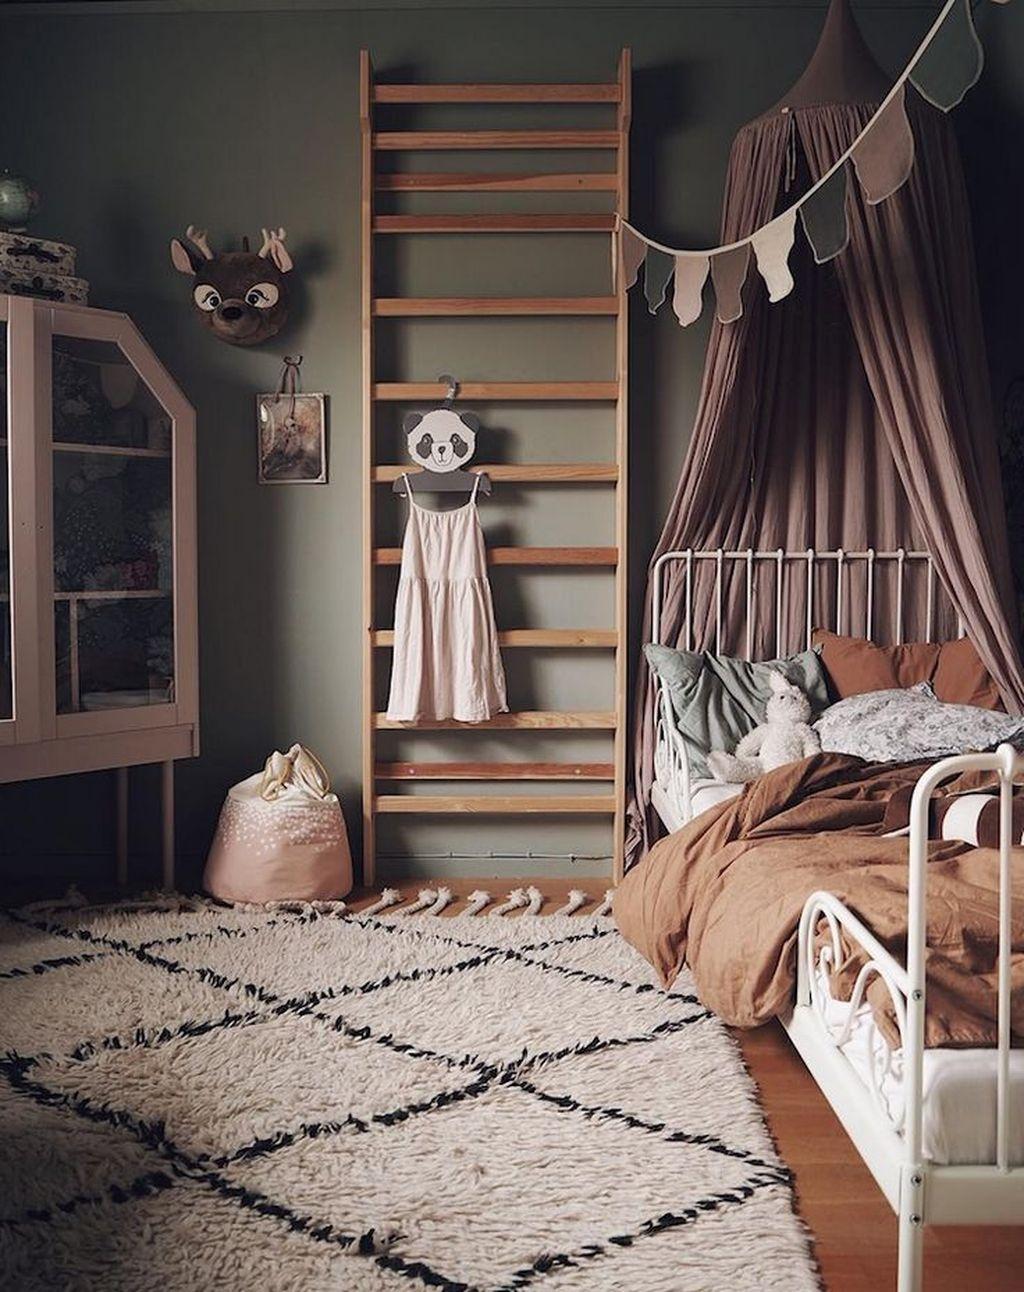 The Best Scandinavian Bedroom Interior Design Ideas 39